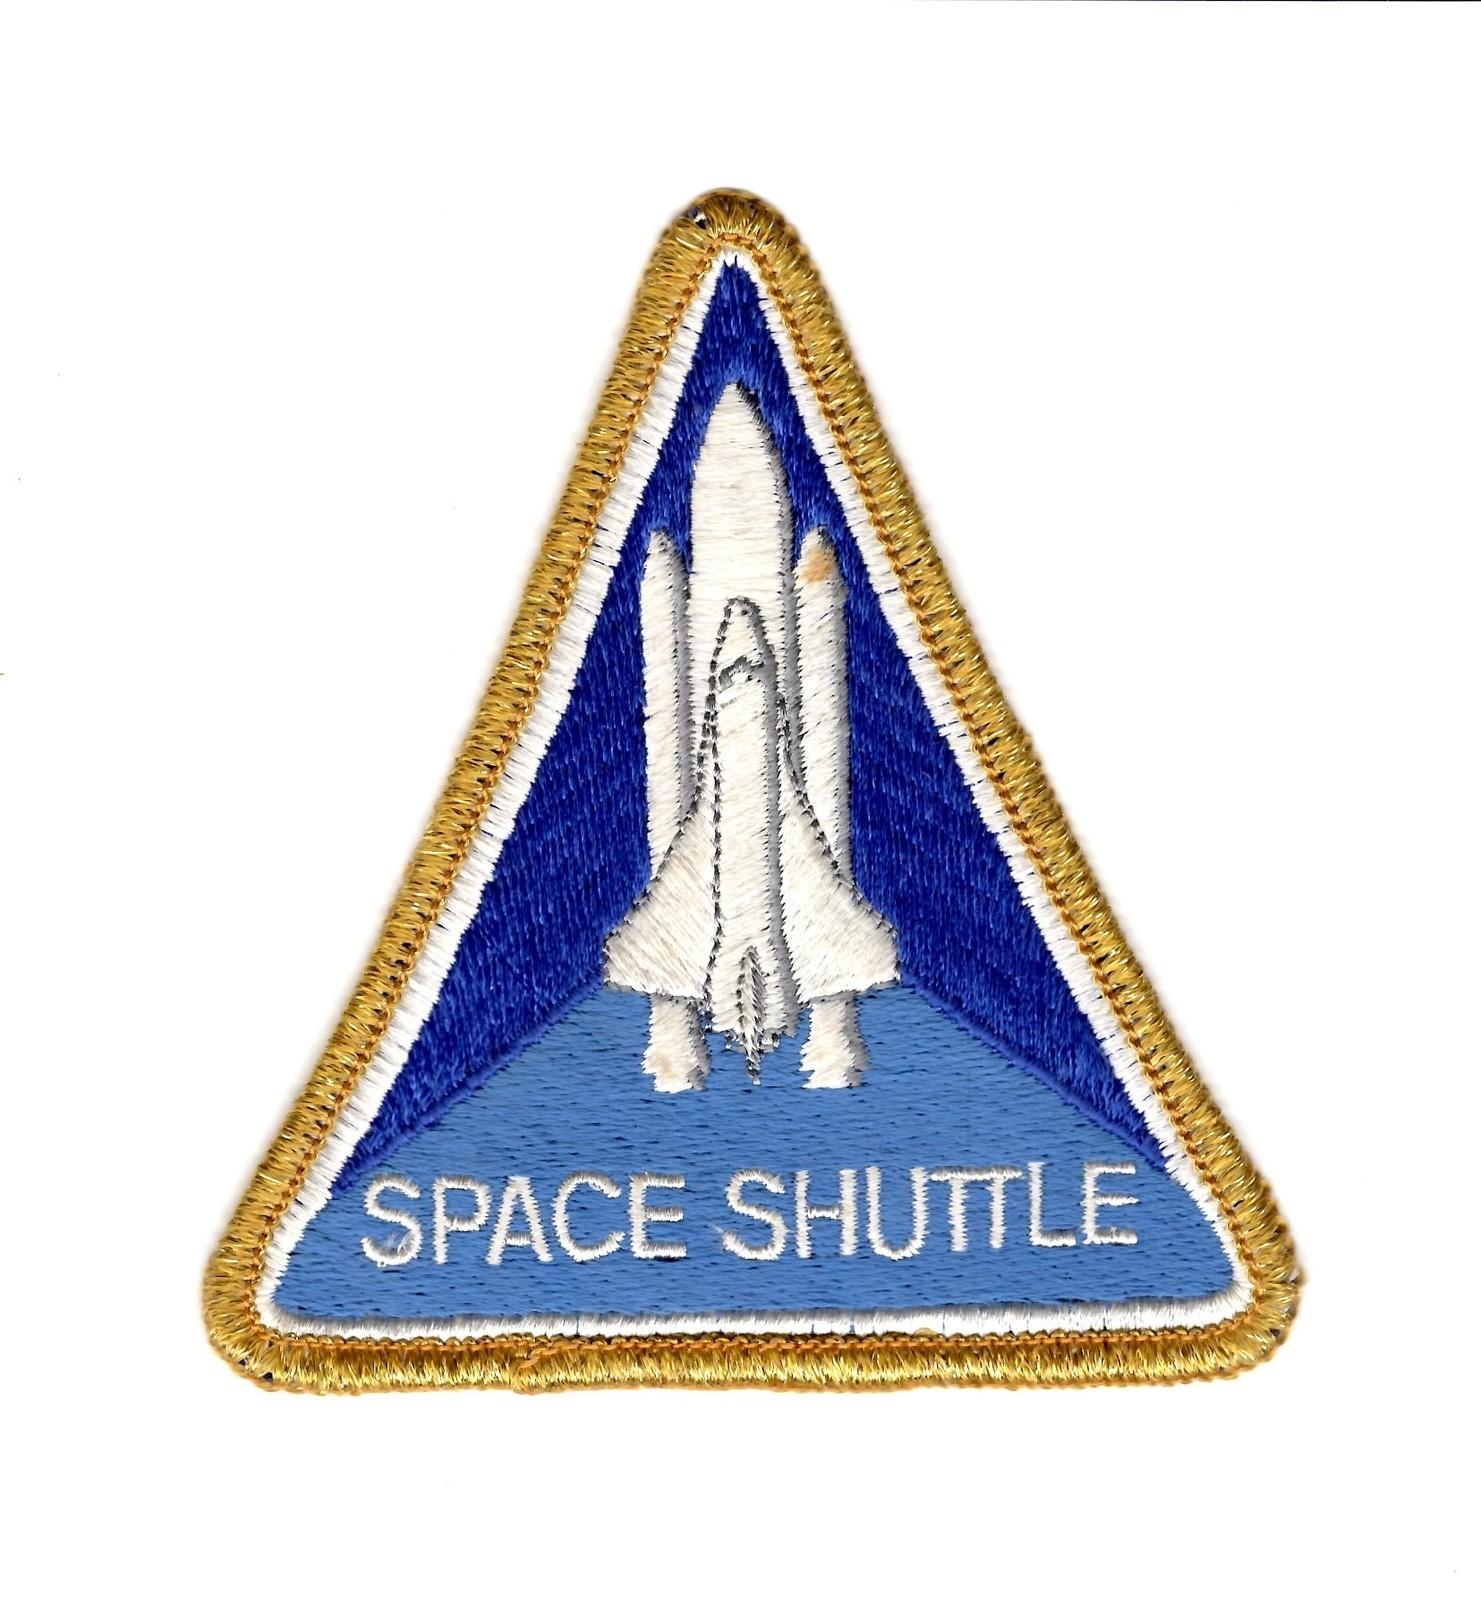 space shuttle enterprise patch - photo #39